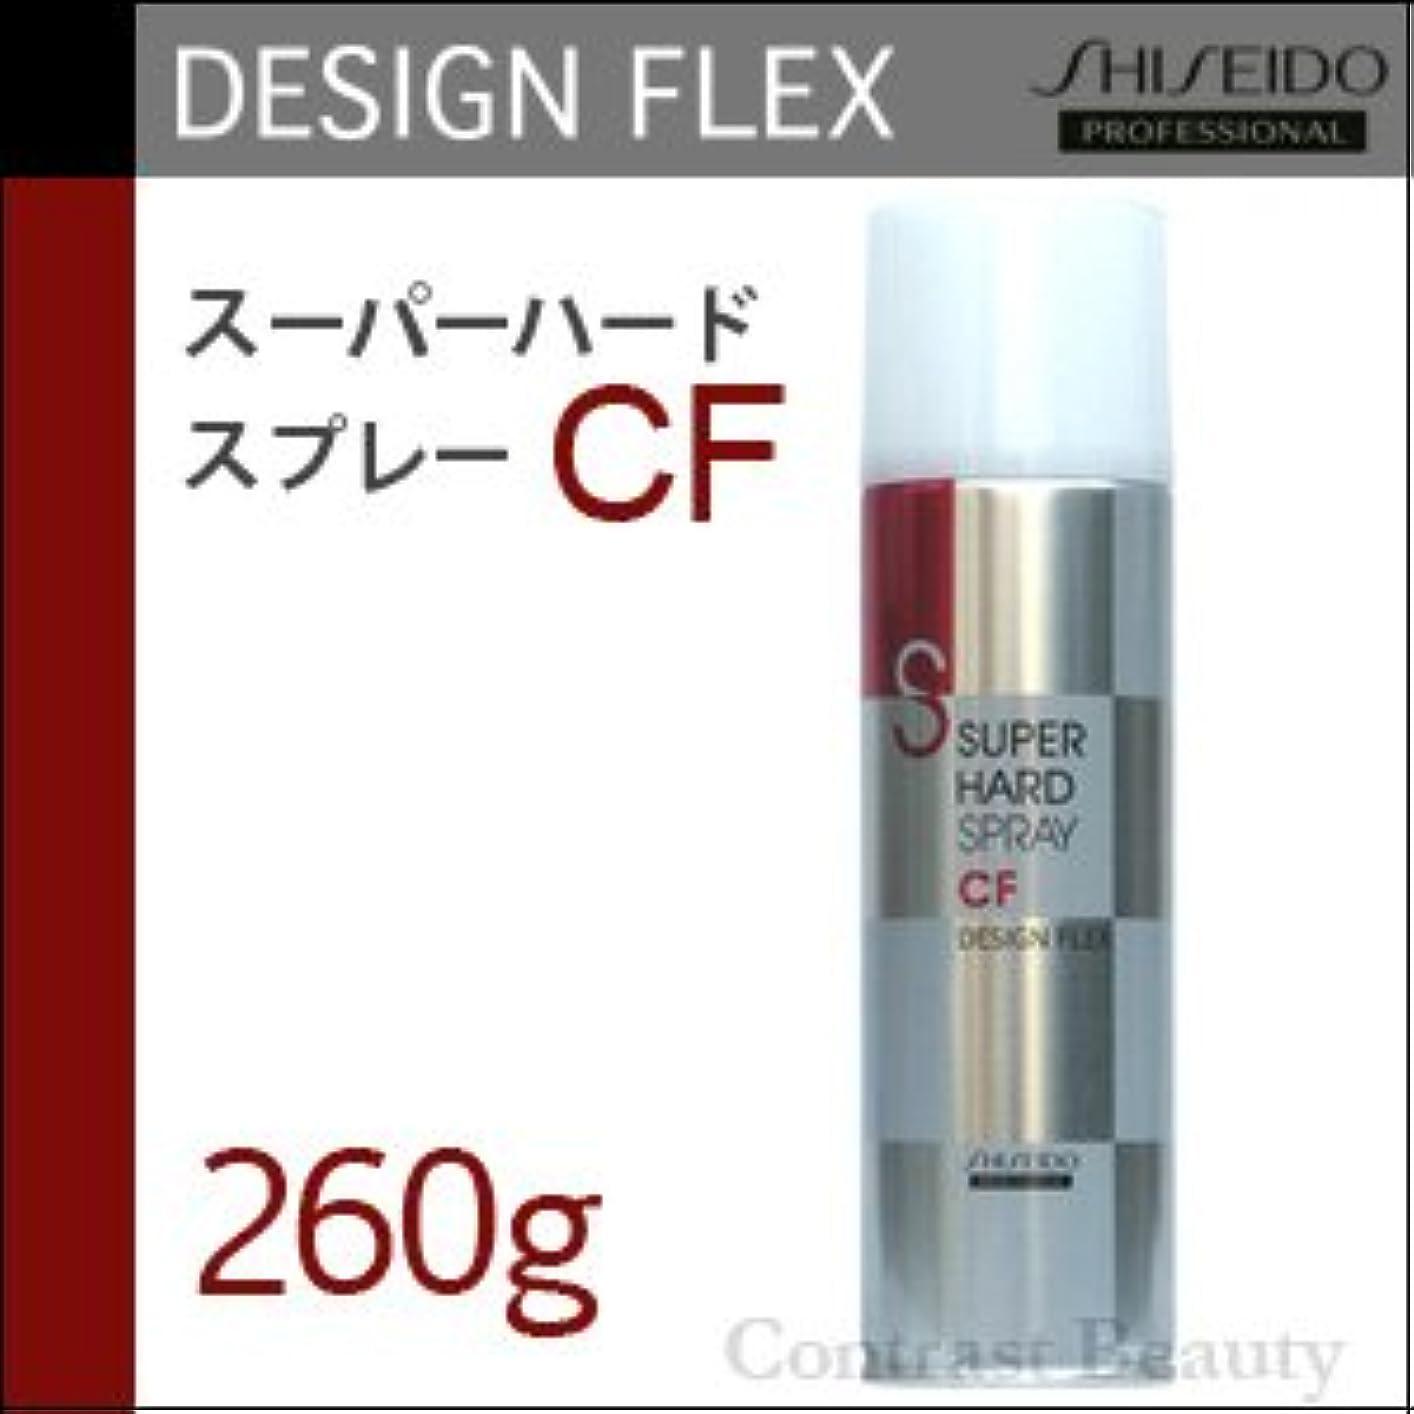 繁栄する紳士発生【x5個セット】 資生堂 デザインフレックス スーパーハードスプレーCF 260g